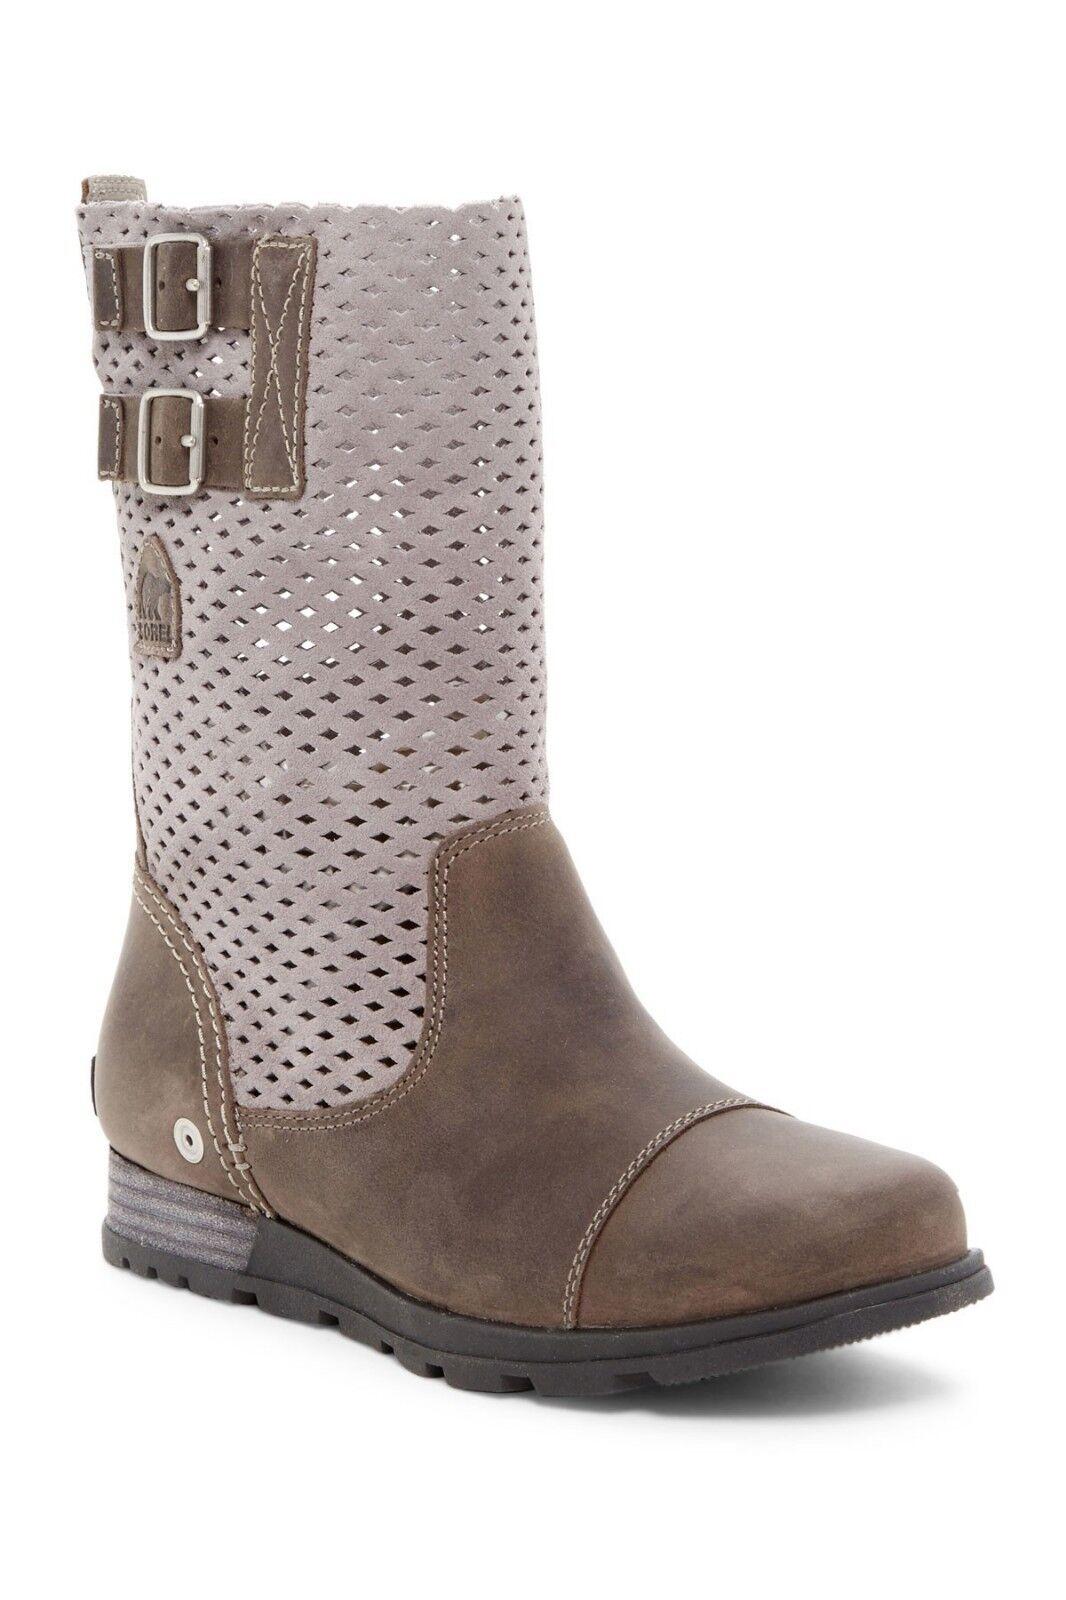 acquistare ora SOREL stivali stivali stivali Major Pull On Perforated Mid Calf Leather Suede avvioies grigio 7 7.5  ordina adesso